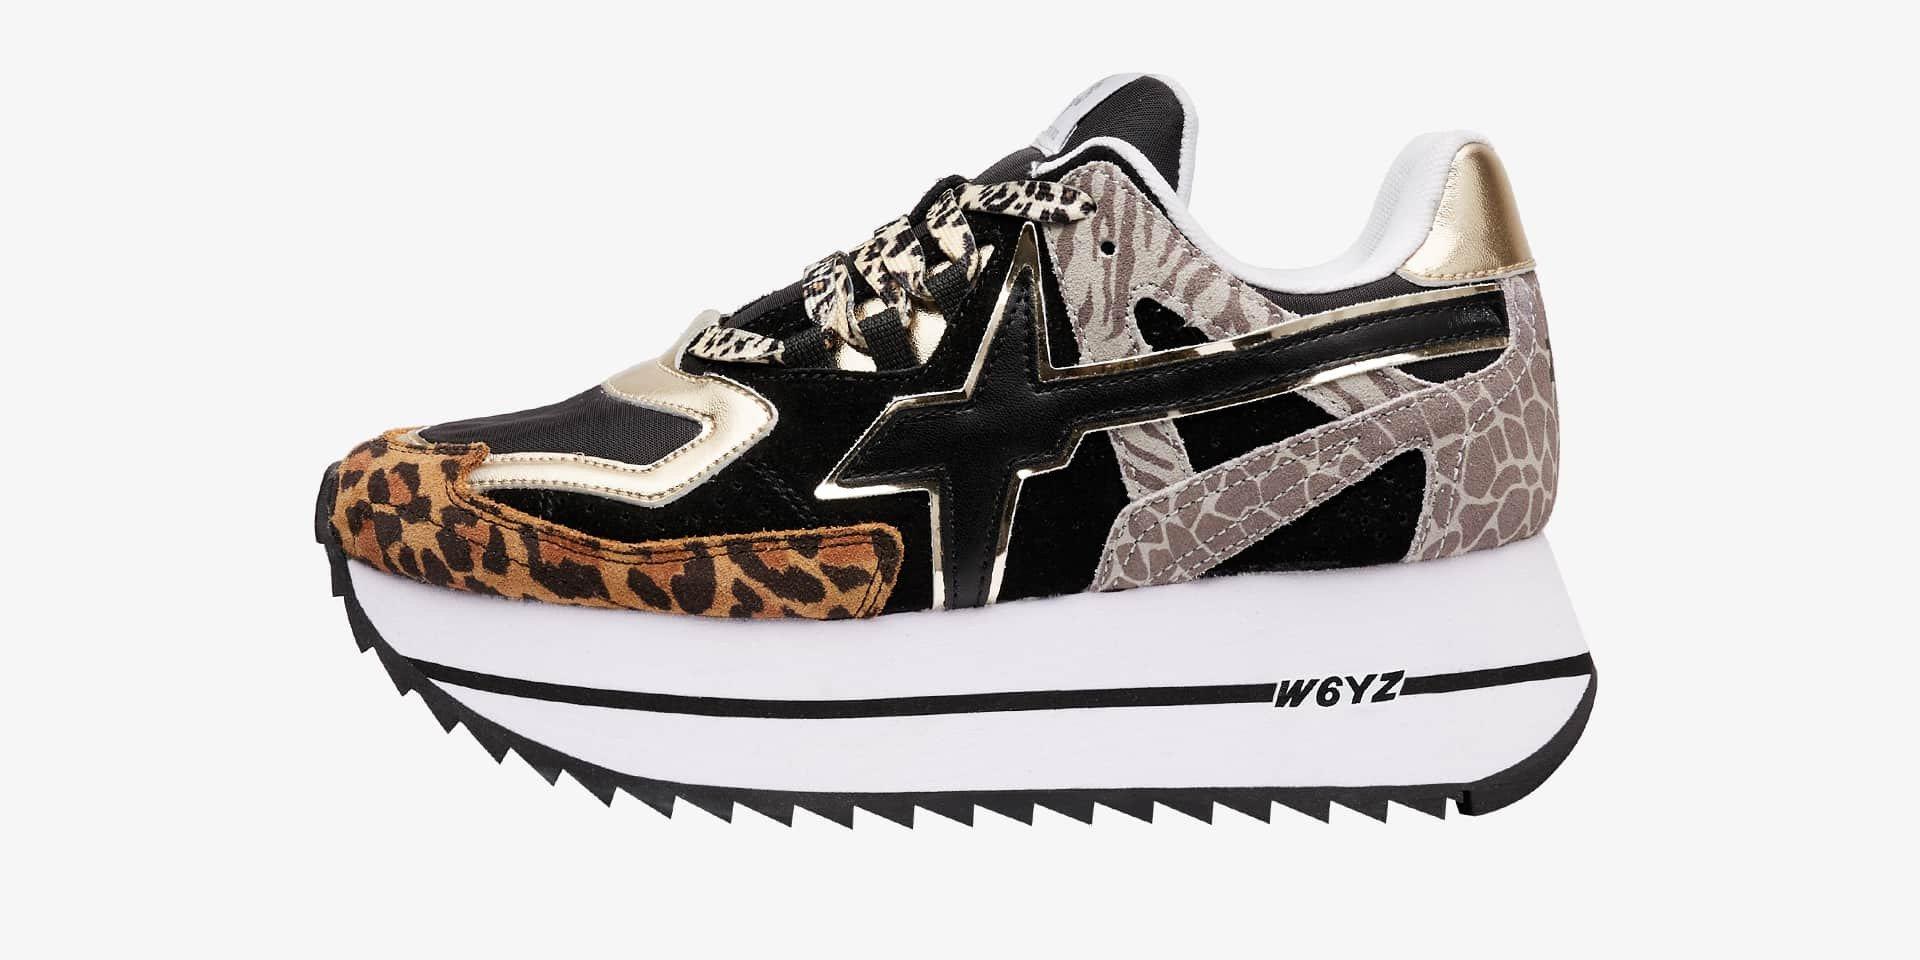 DEB-W. - Sneaker in tessuto tecnico e stampe animalier - Animalier